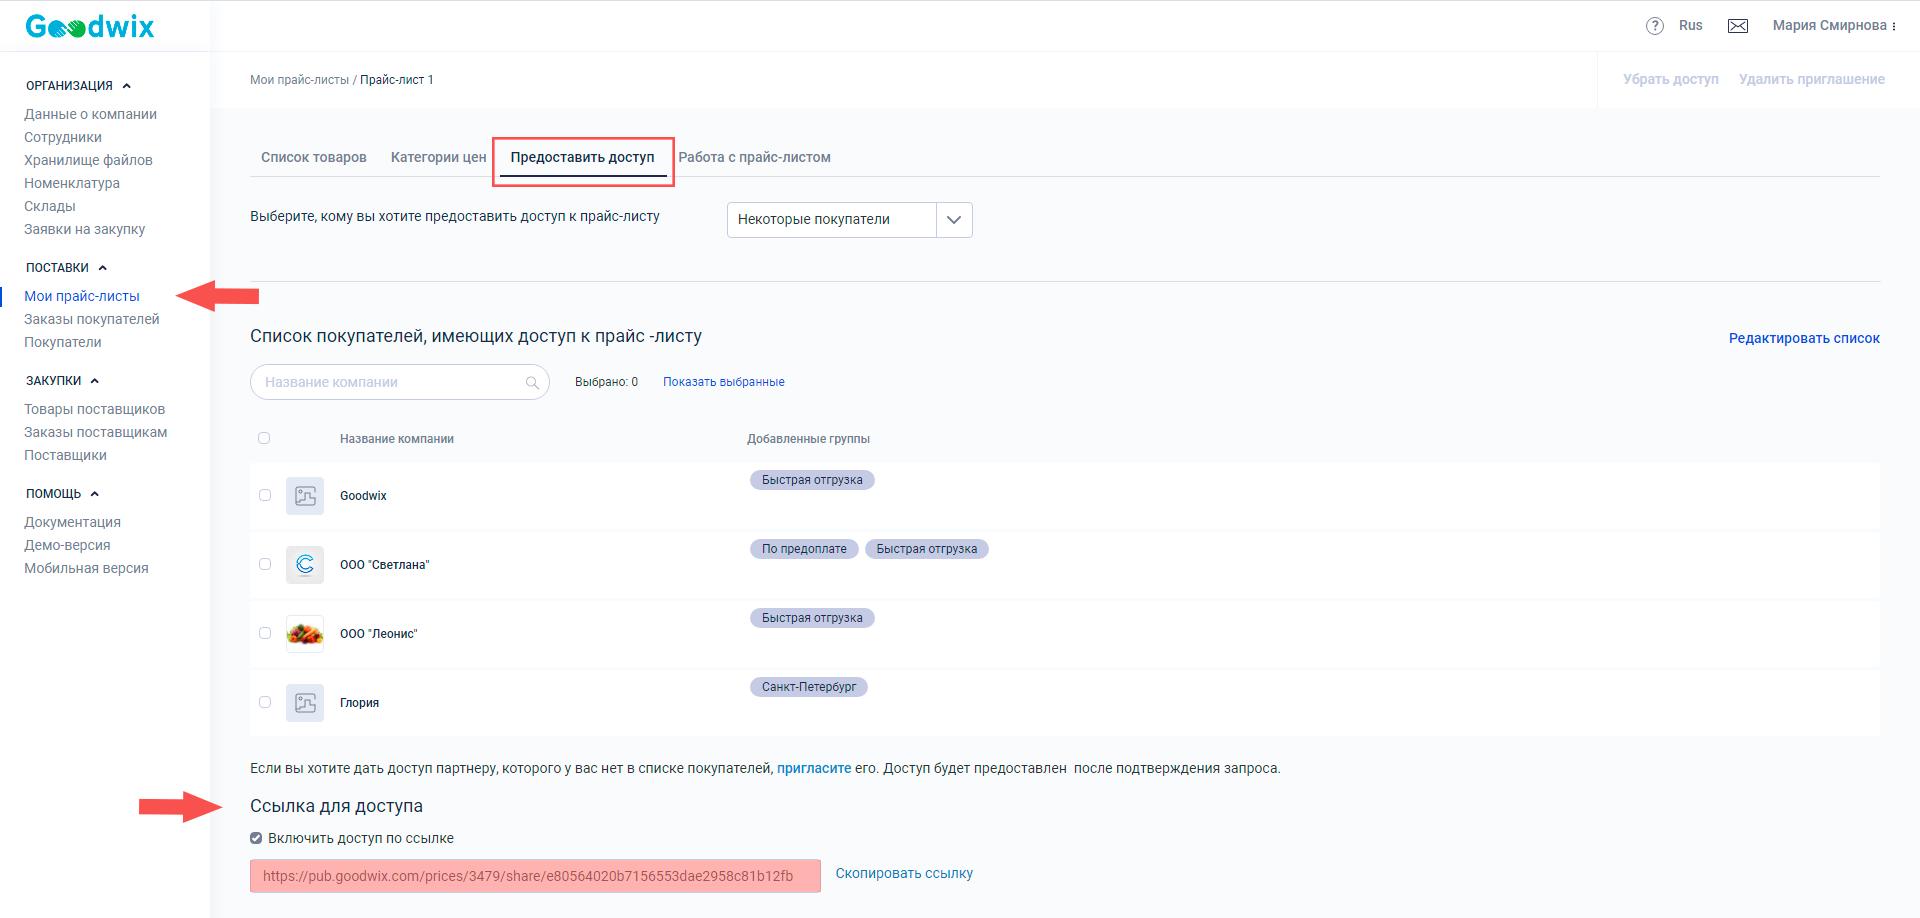 Руководство по работе с прайс-листами, доступ к прайс-листу для незарегистрированных пользователей